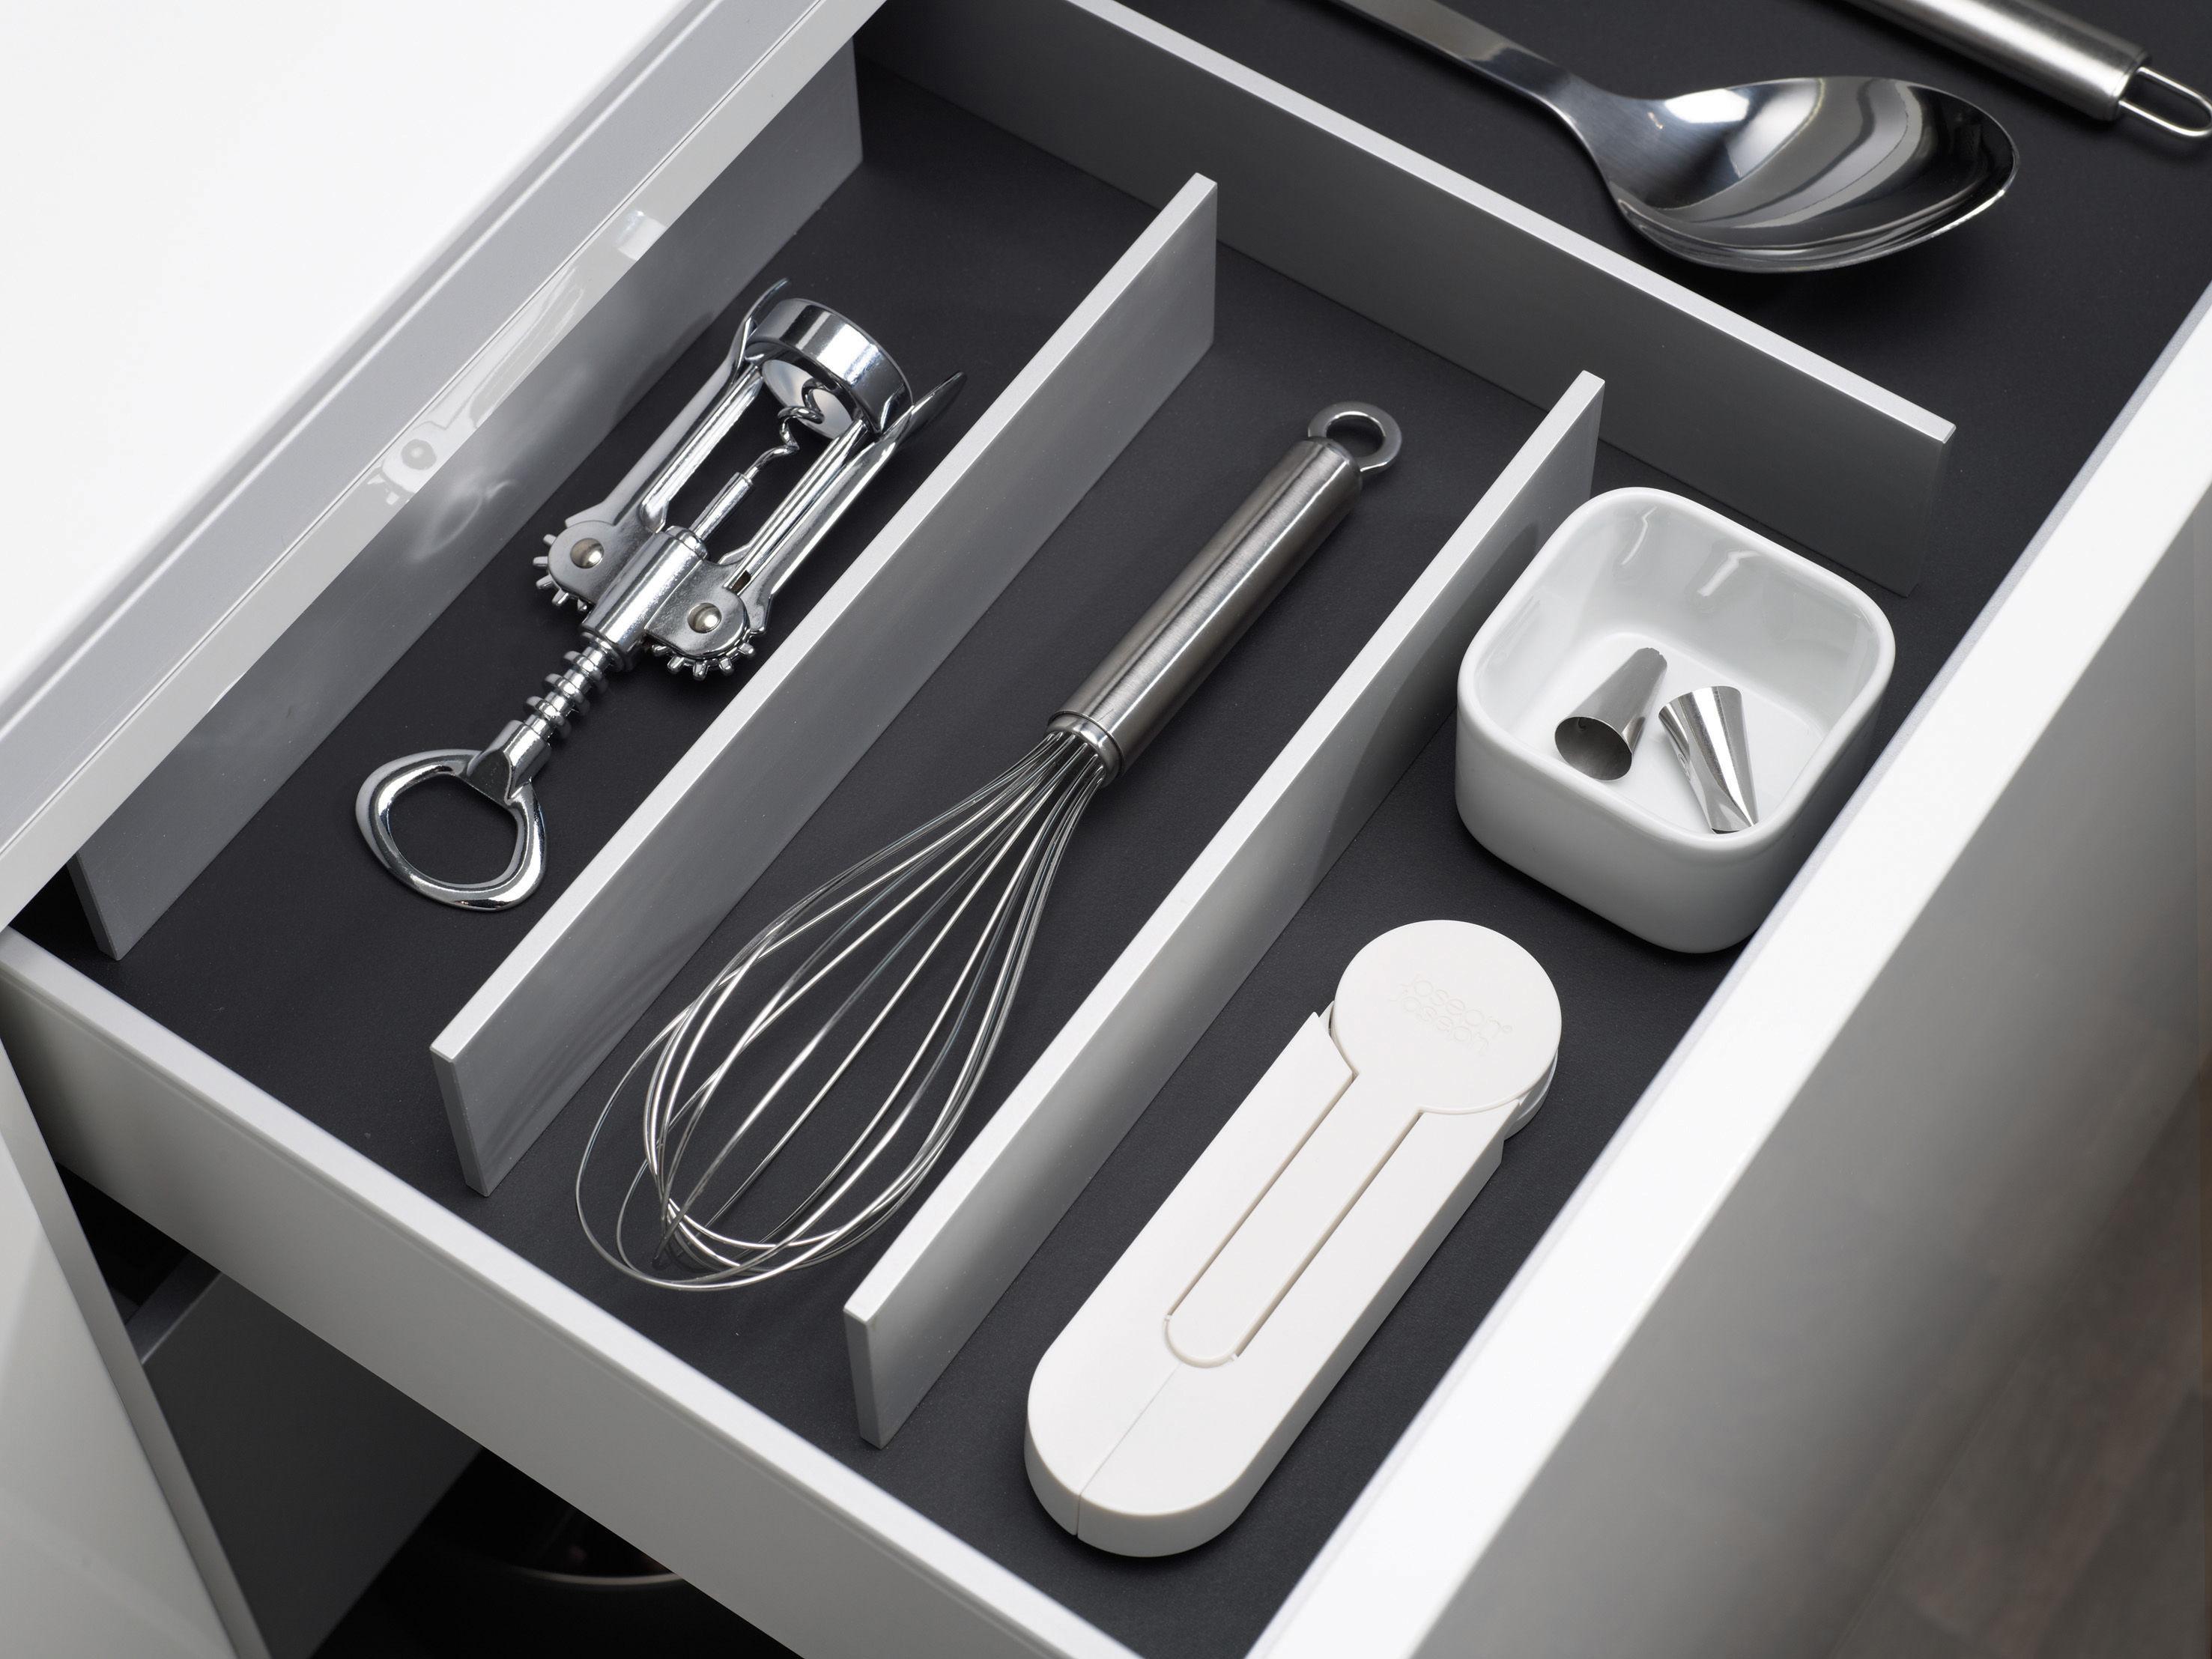 Triscale bilancia elettronica da cucina pieghevole bianco by joseph joseph made in design - Bilancia elettronica da cucina ...